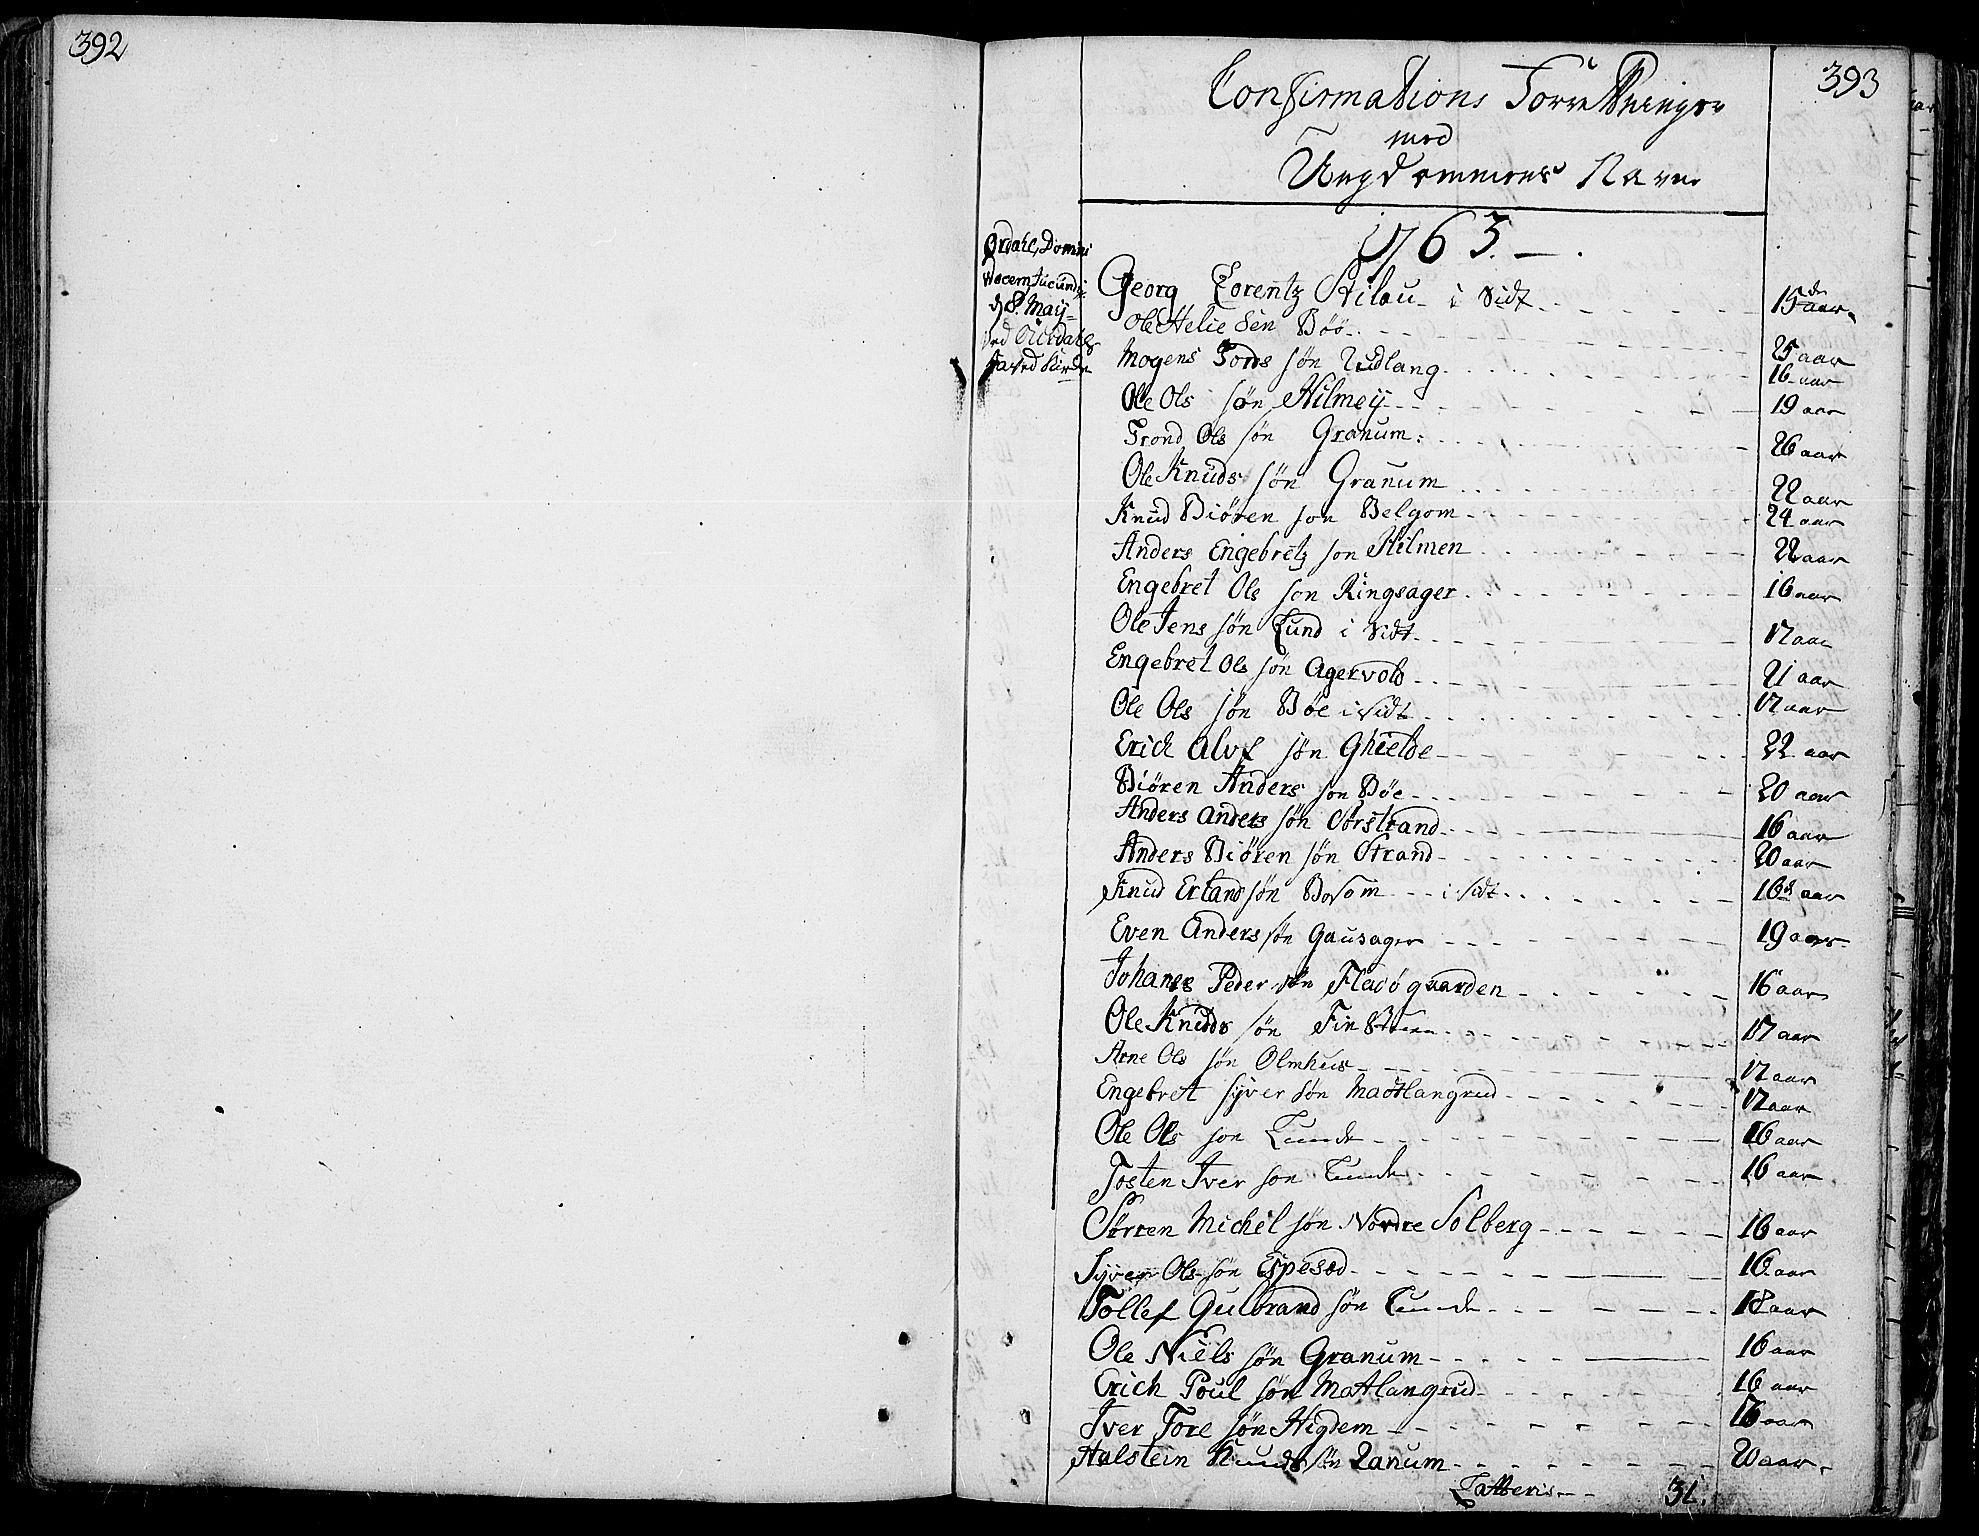 SAH, Aurdal prestekontor, Parish register (official) no. 5, 1763-1781, p. 392-393